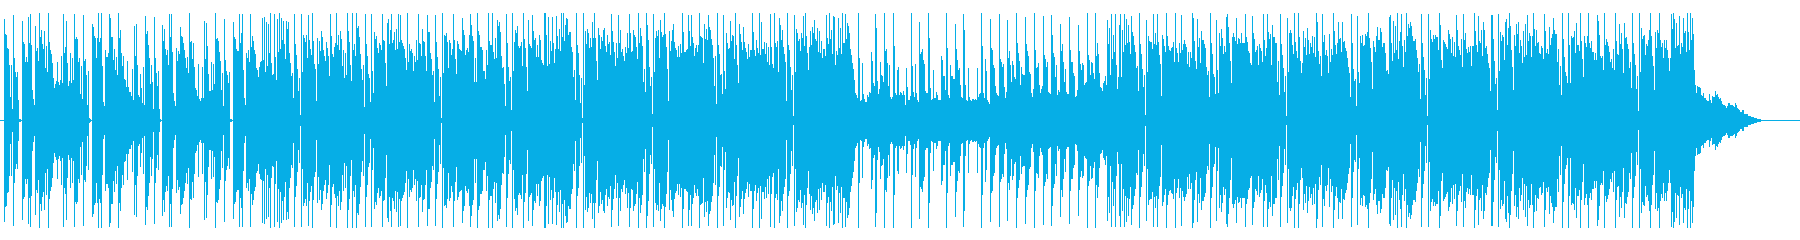 明るい キラキラ 80年代 シンセポップの再生済みの波形